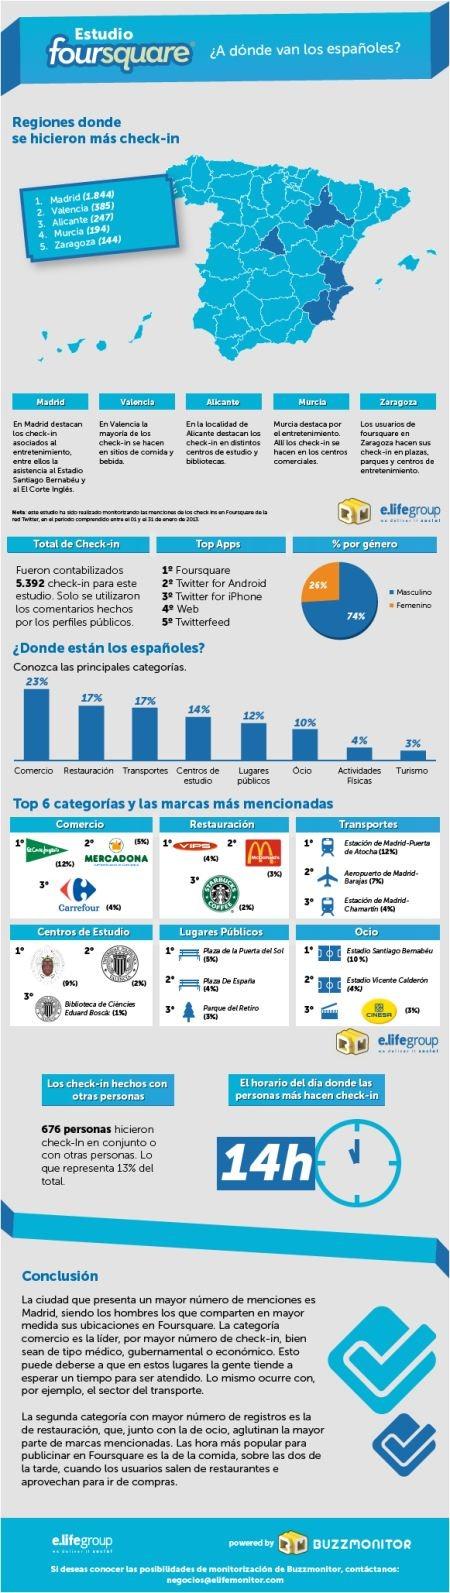 Españoles en Foursquare 2013